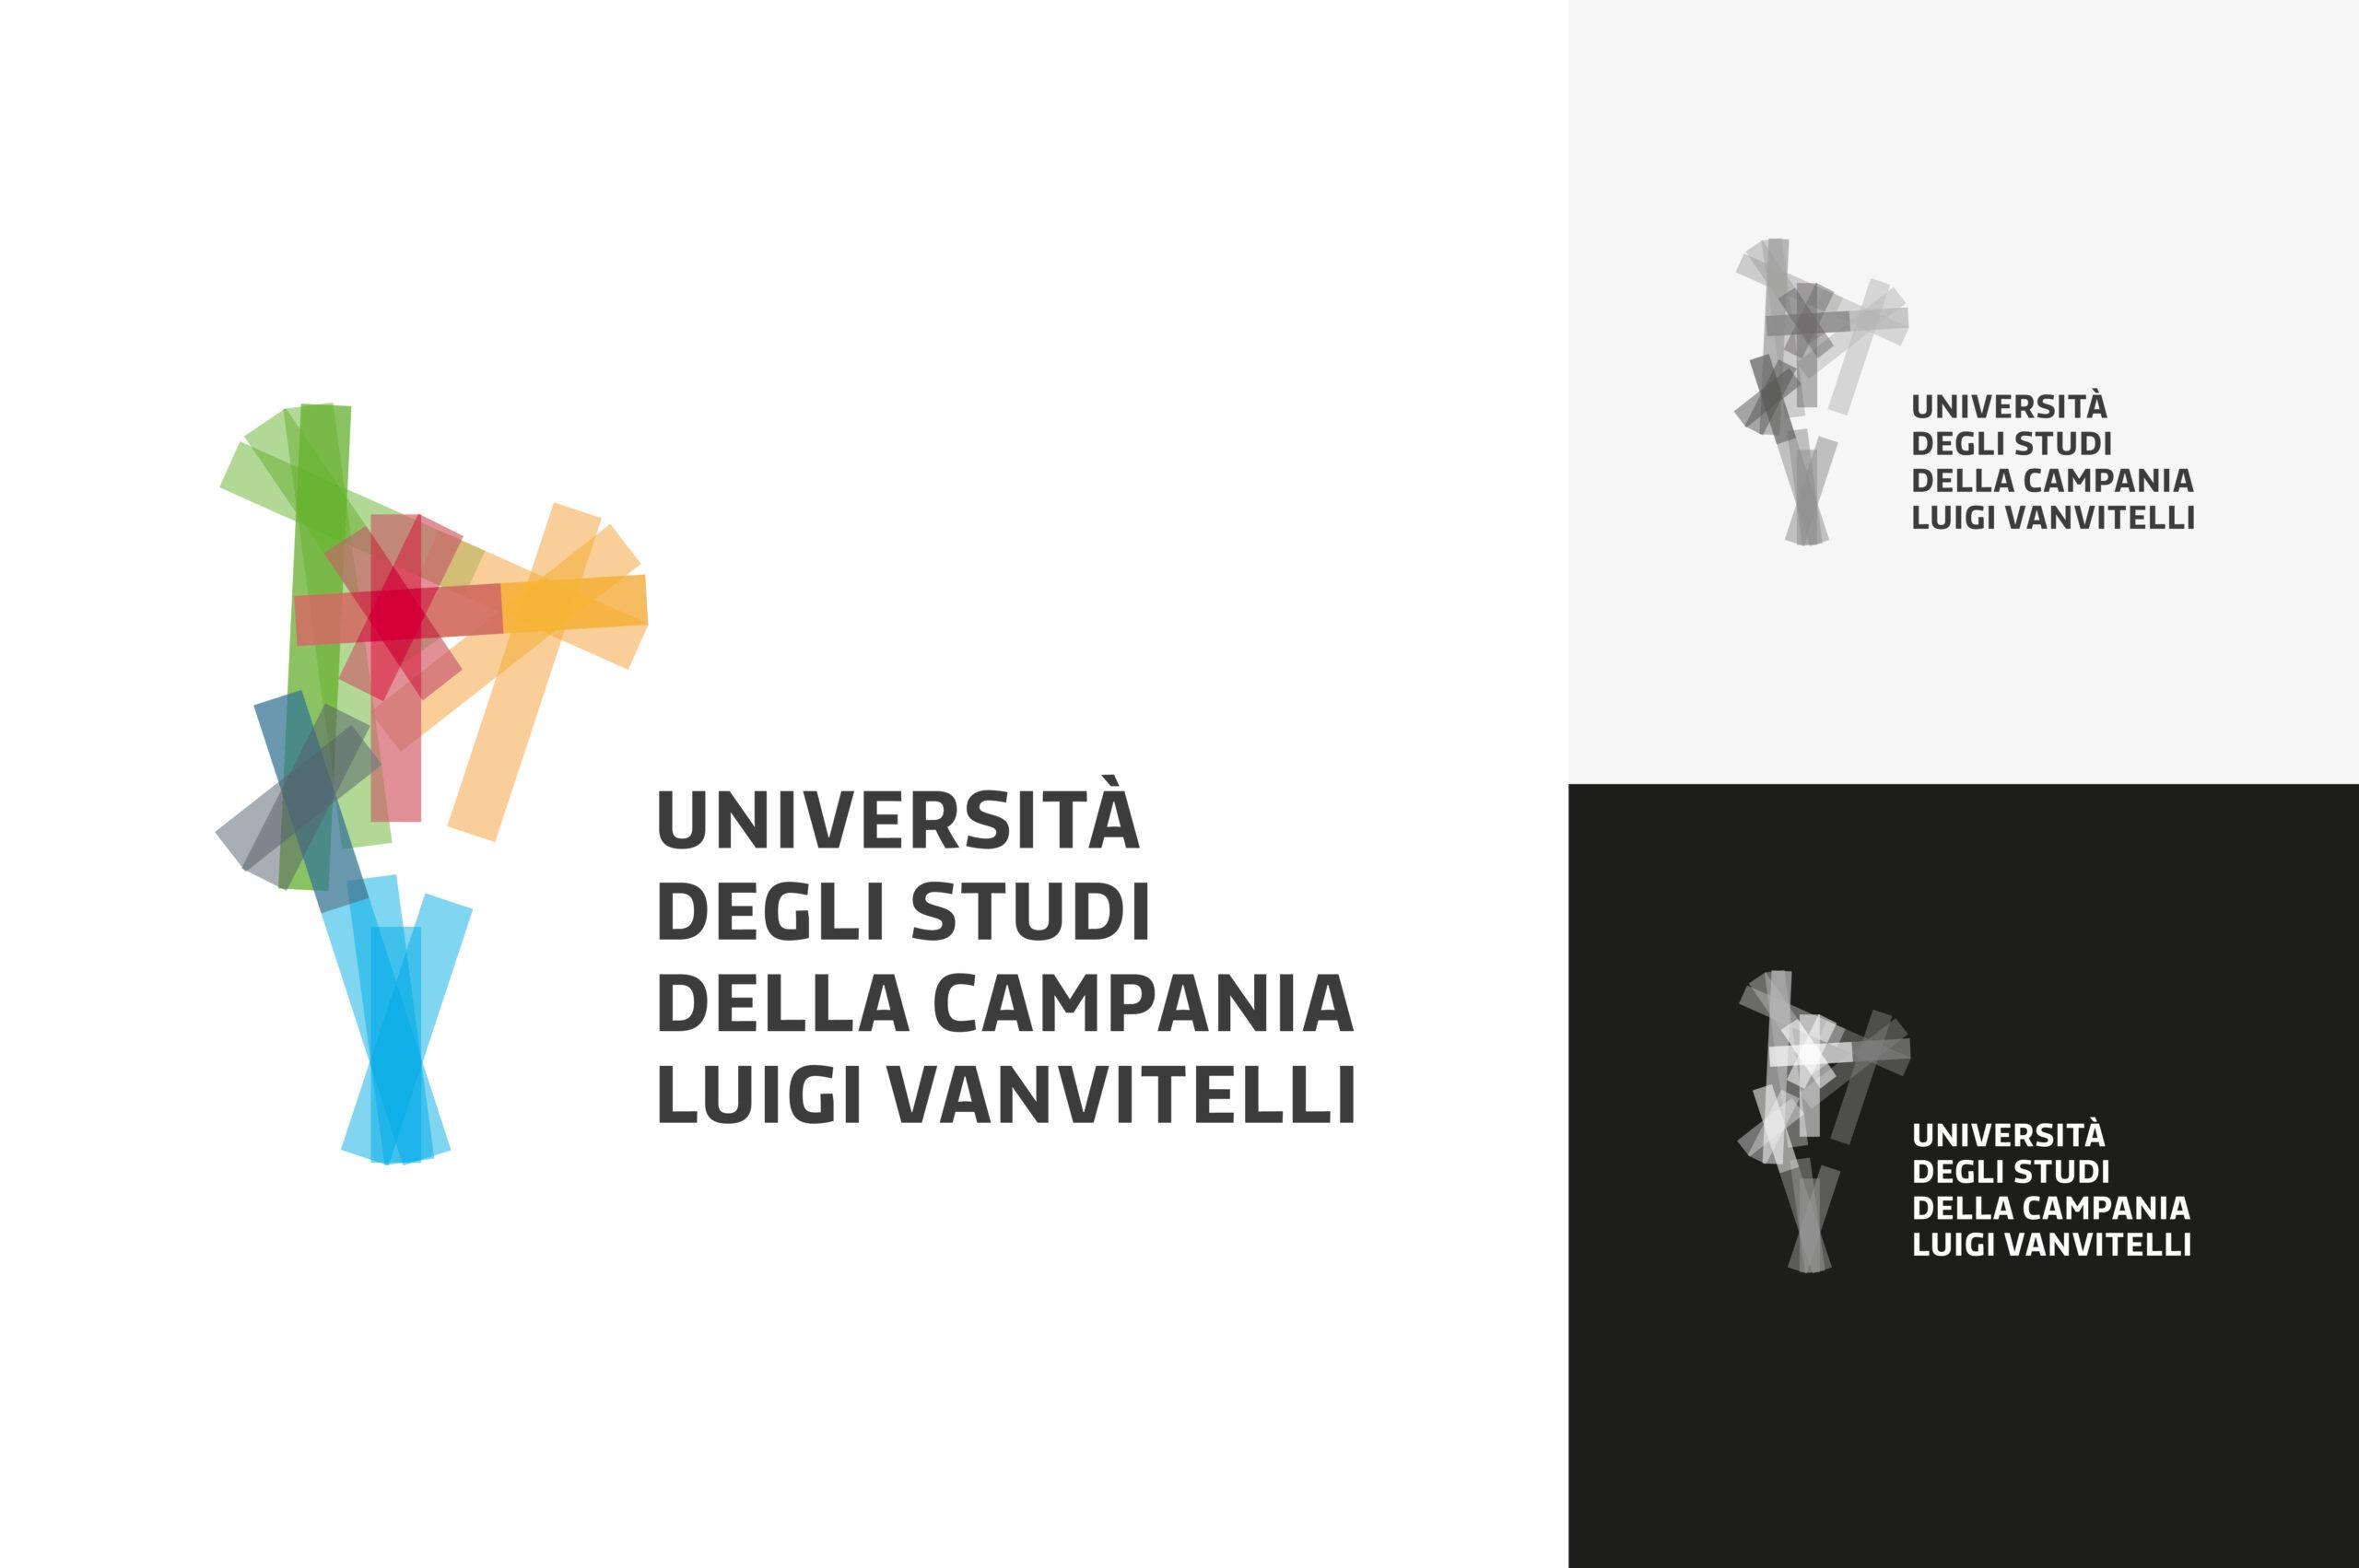 MADI comunicazione_Università Vanvitelli (2)